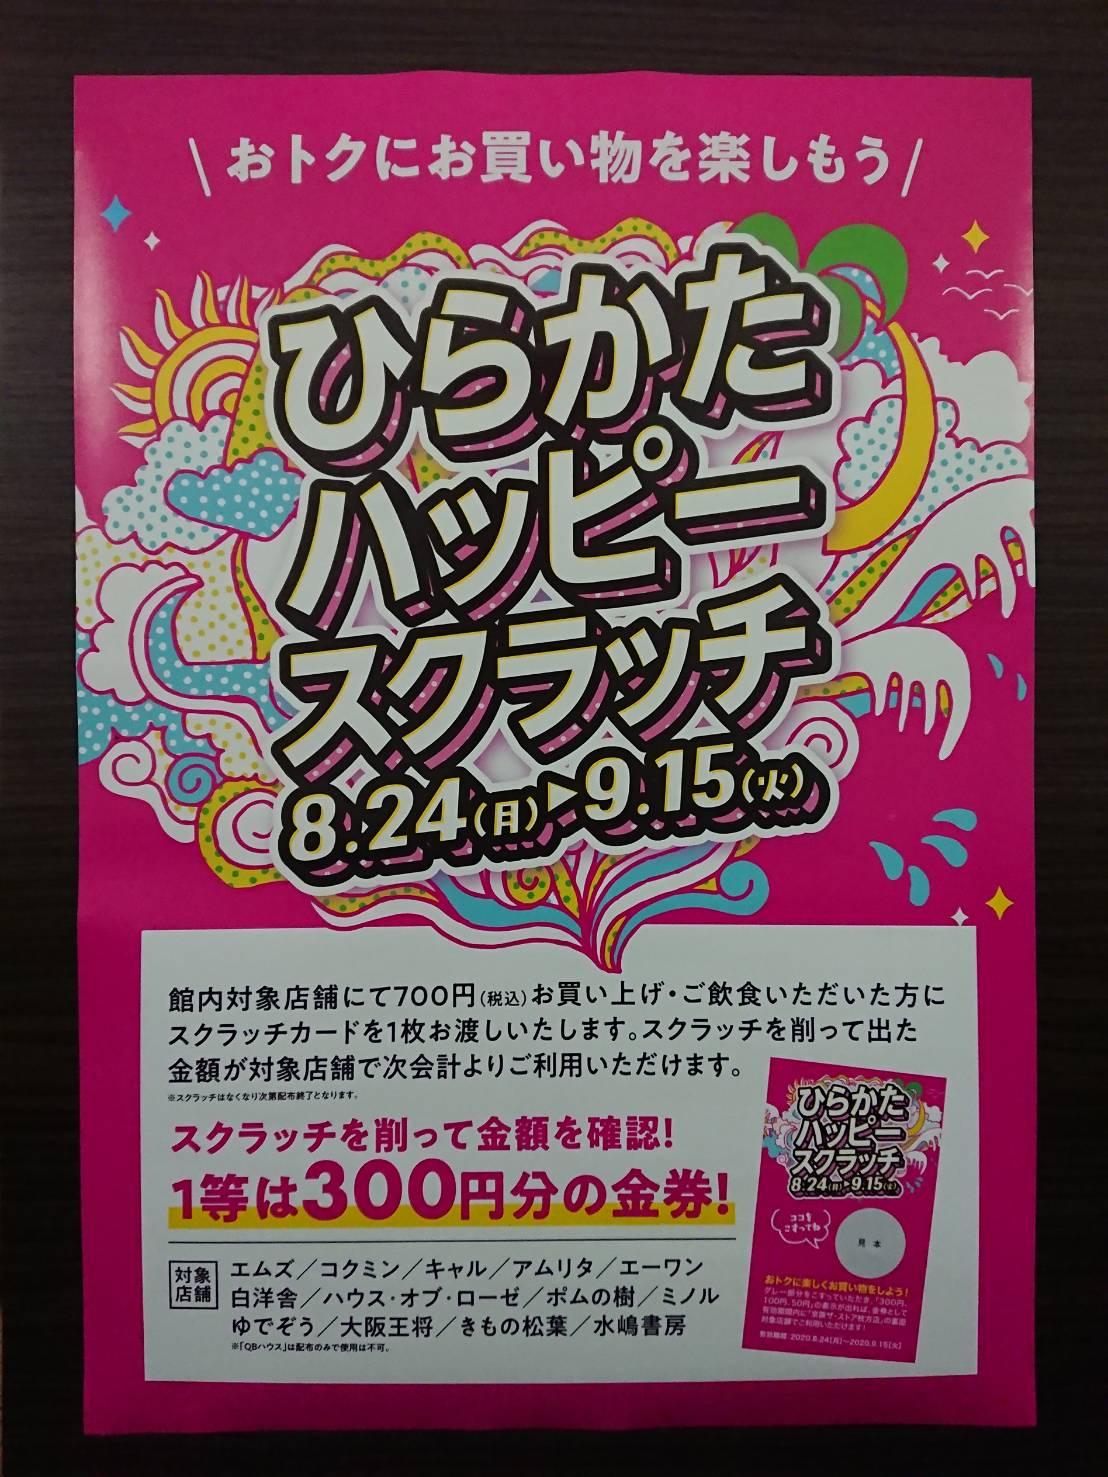 【ひらかたハッピースクラッチ スタート!】8/24(月)~9/15(火)